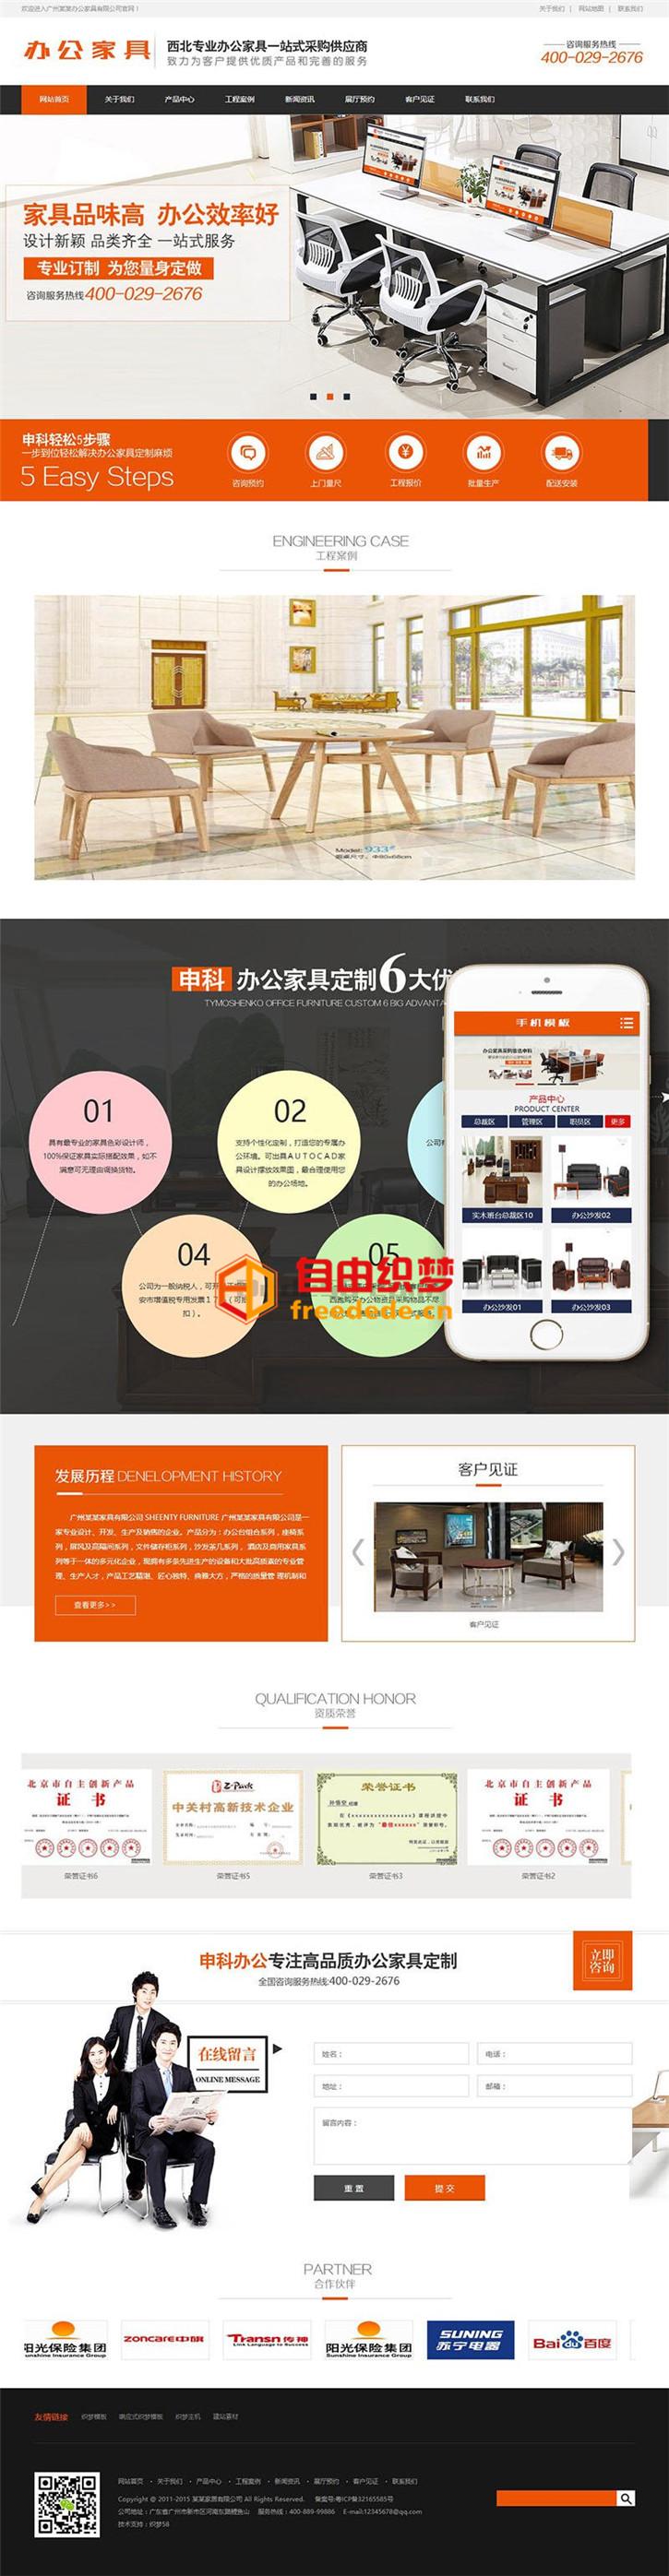 爱上源码网文章dedecms网站源码营销型办公家居家具产品类网站织梦模板(带手机端)的内容插图